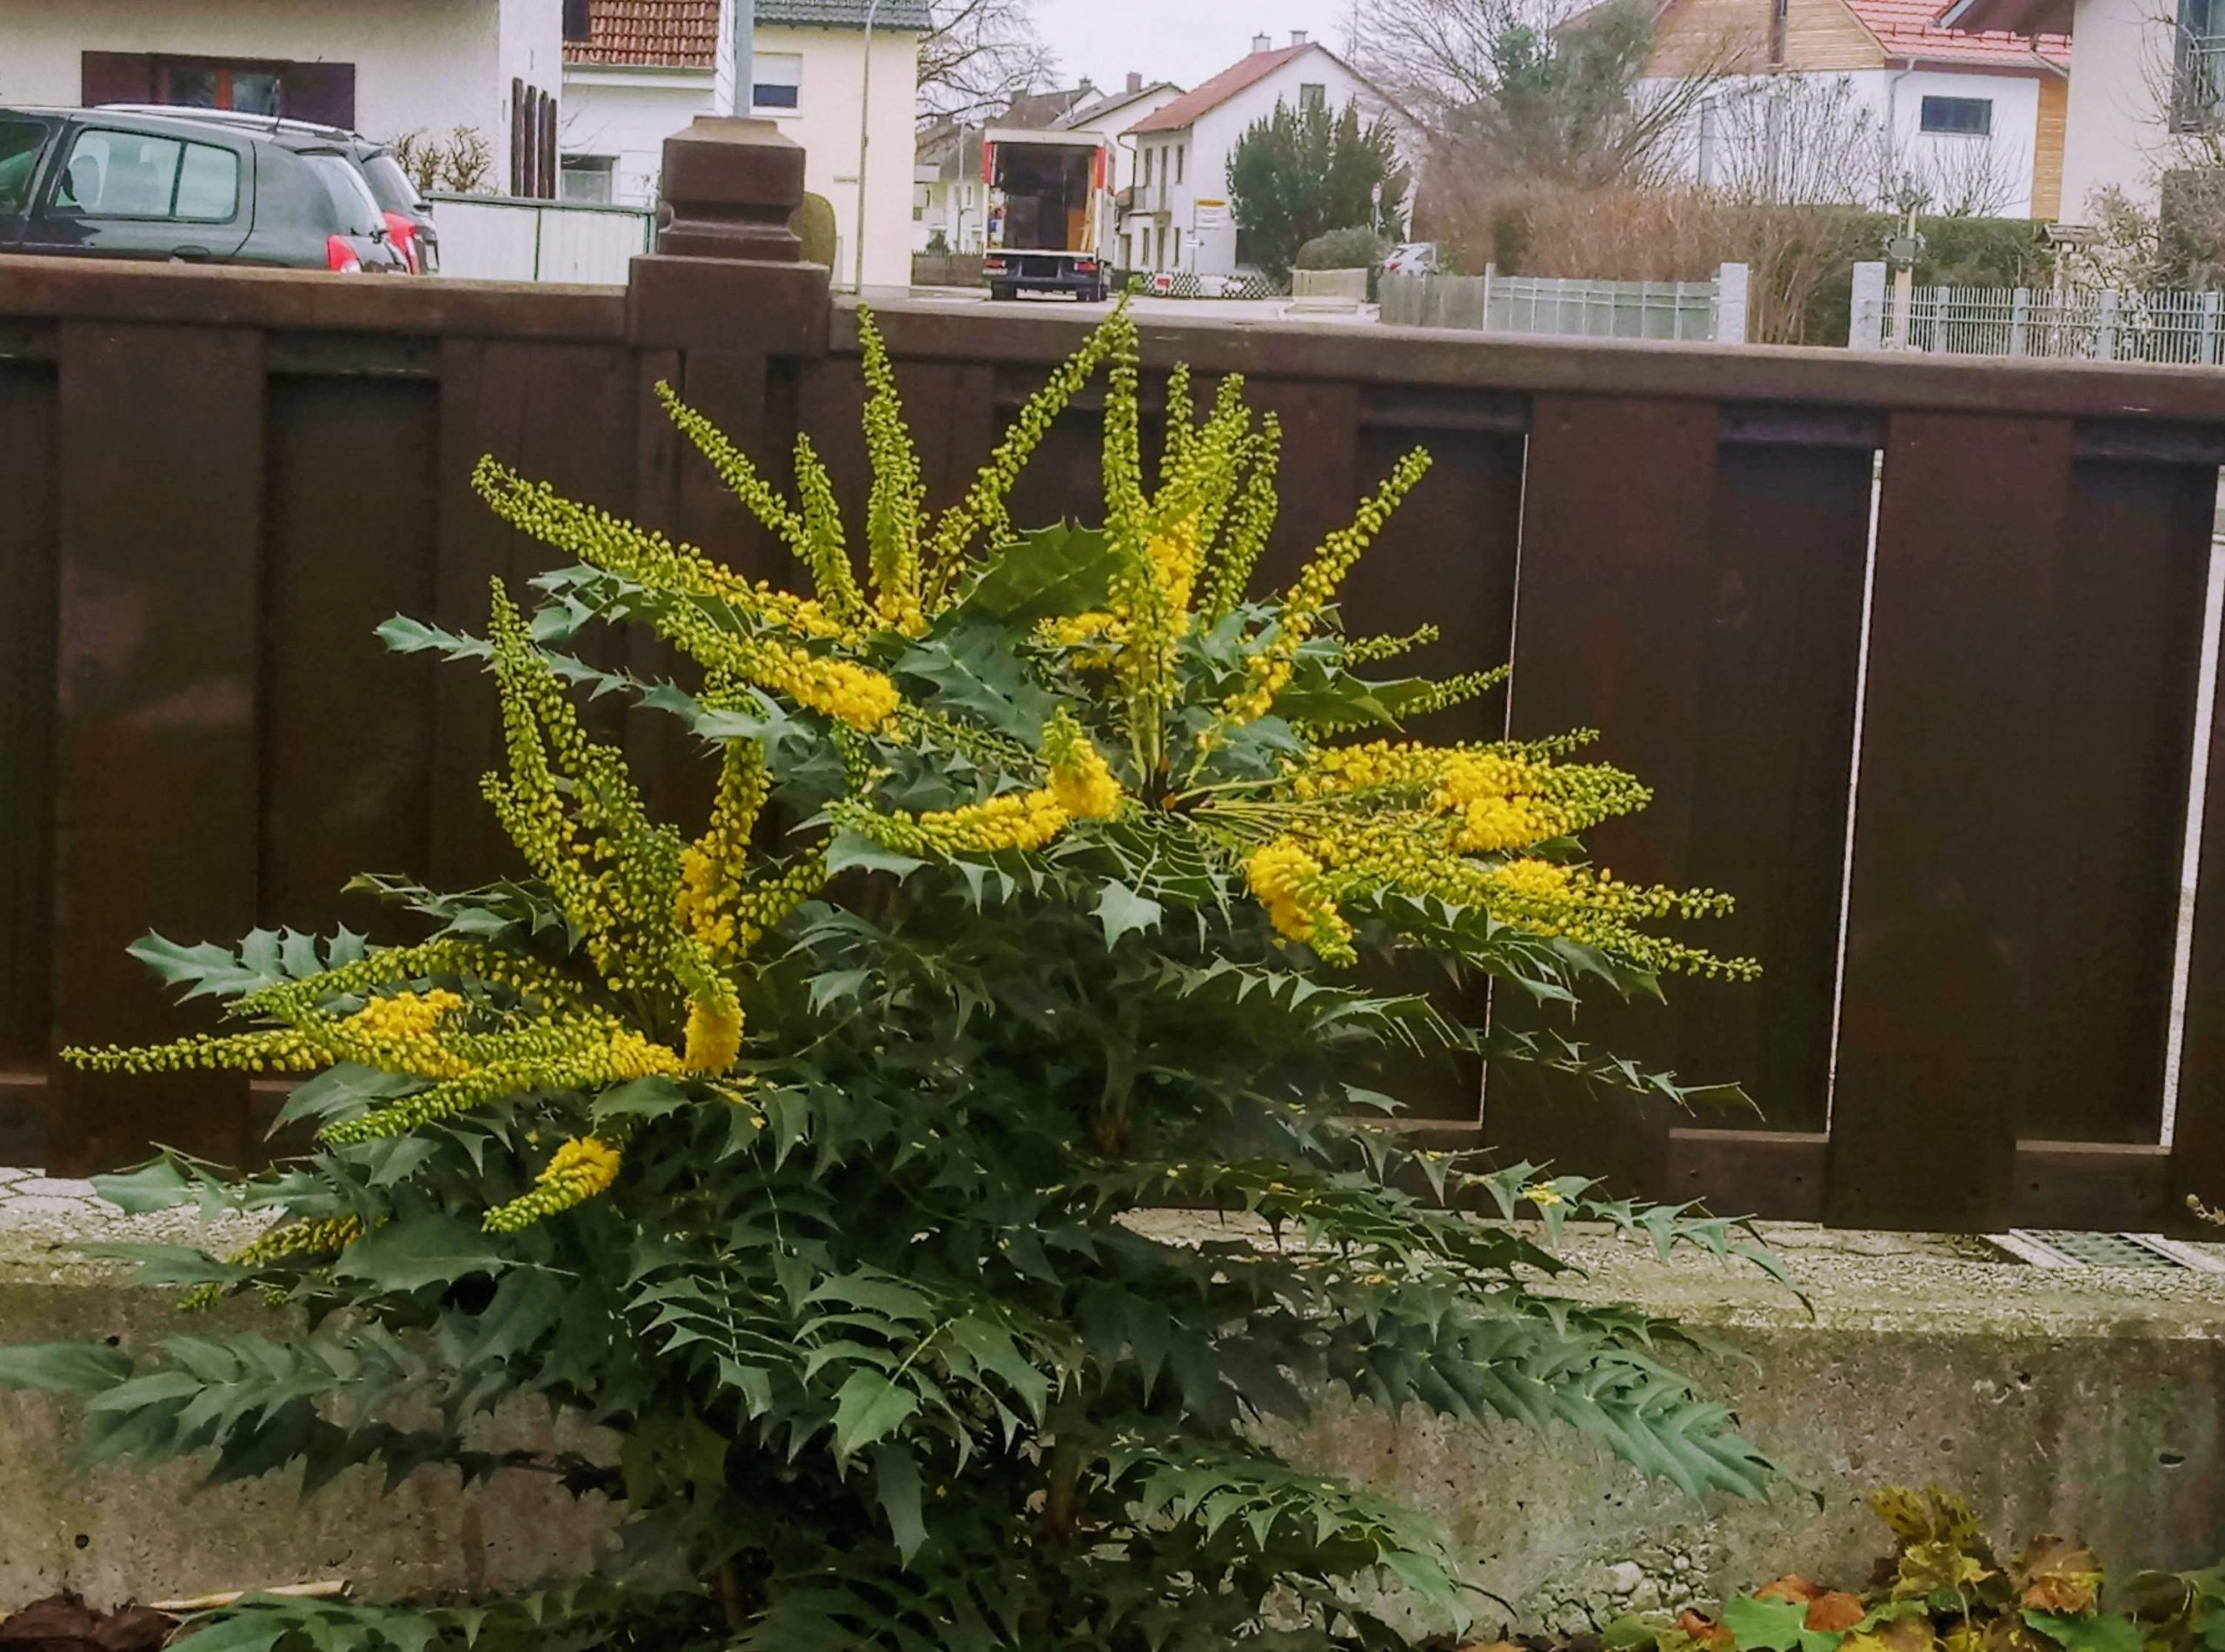 Mein Schöner Garten forum Genial Mahonie Wie Hoch Und Breit Wird Sie